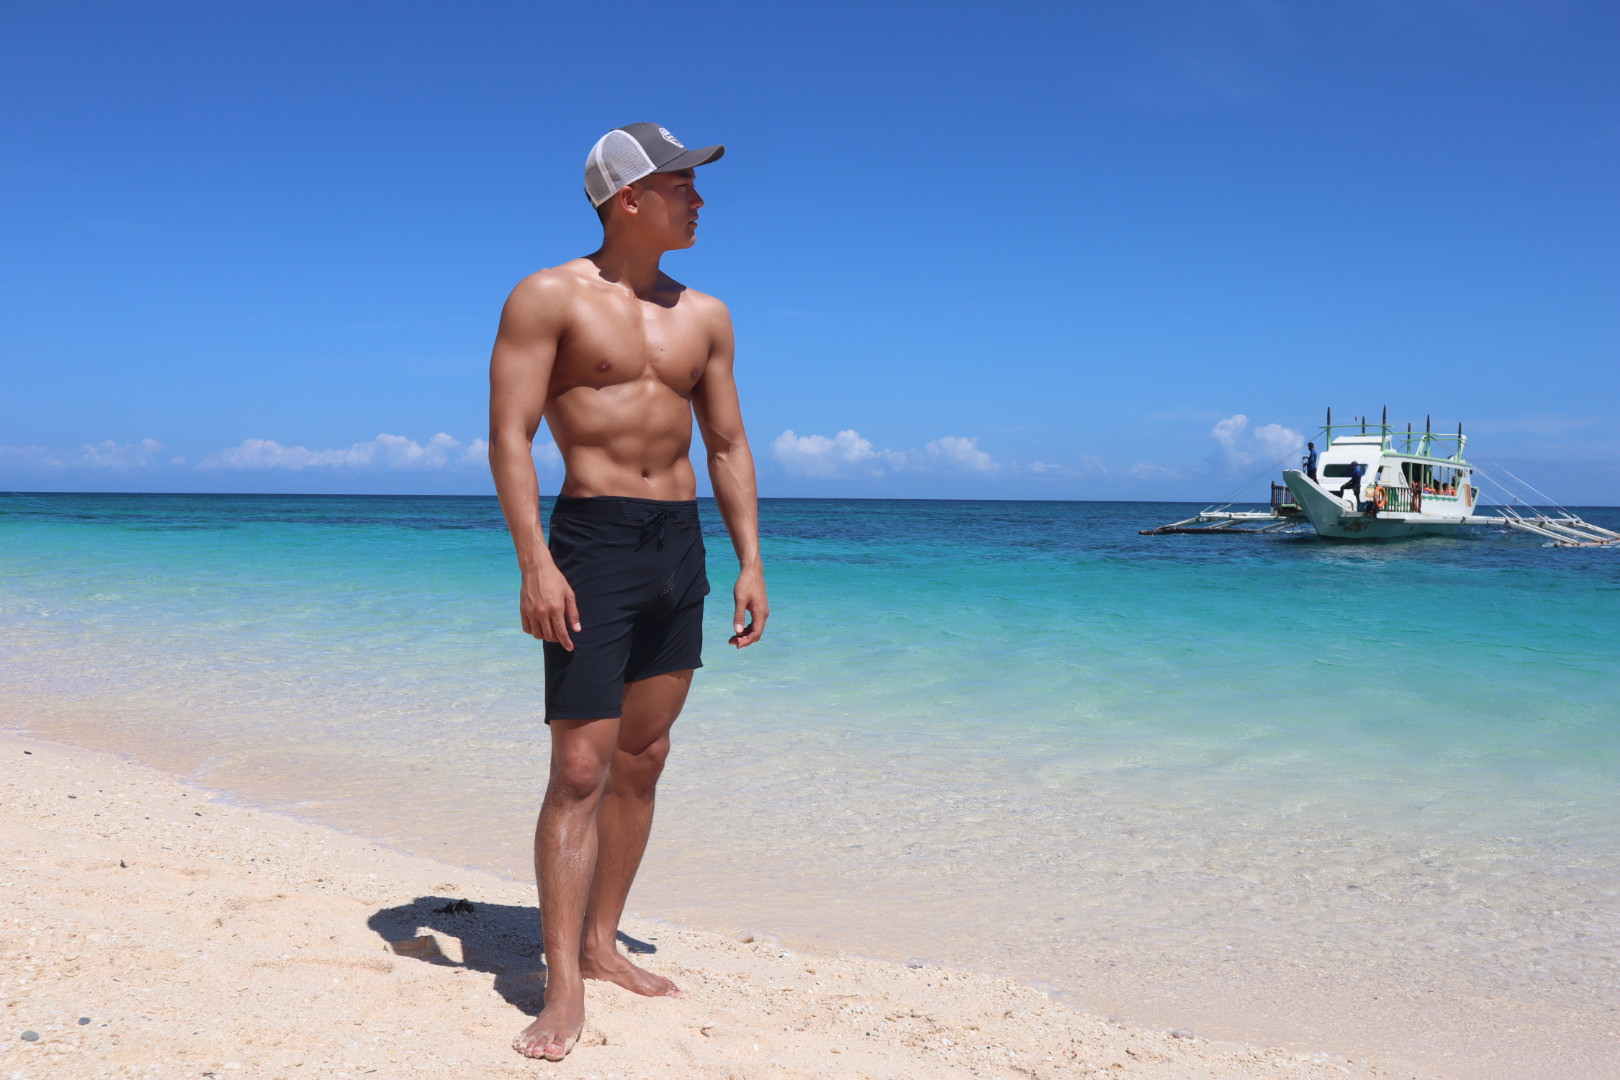 【減量41日目】フィリピンのボラカイ島のローカルジムでトレーニング